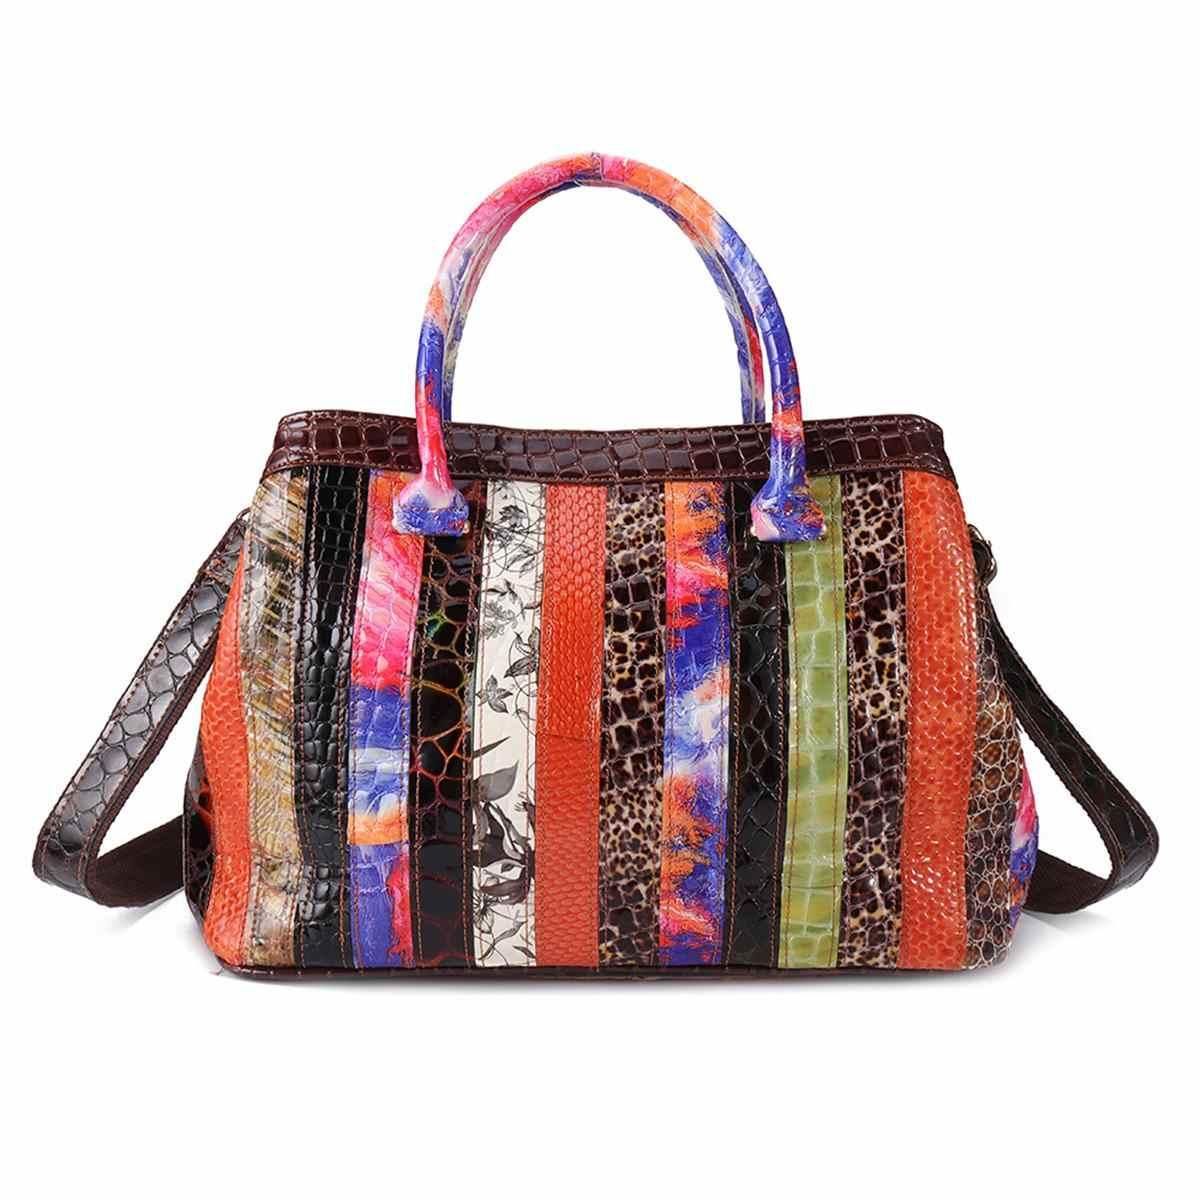 AEQUEEN Mulheres Bolsas De Couro Genuíno Patchwork Floral sacos de Mão Sacos Crossbody Do Vintage Bohemian Feminino Bolsa Cor Aleatória